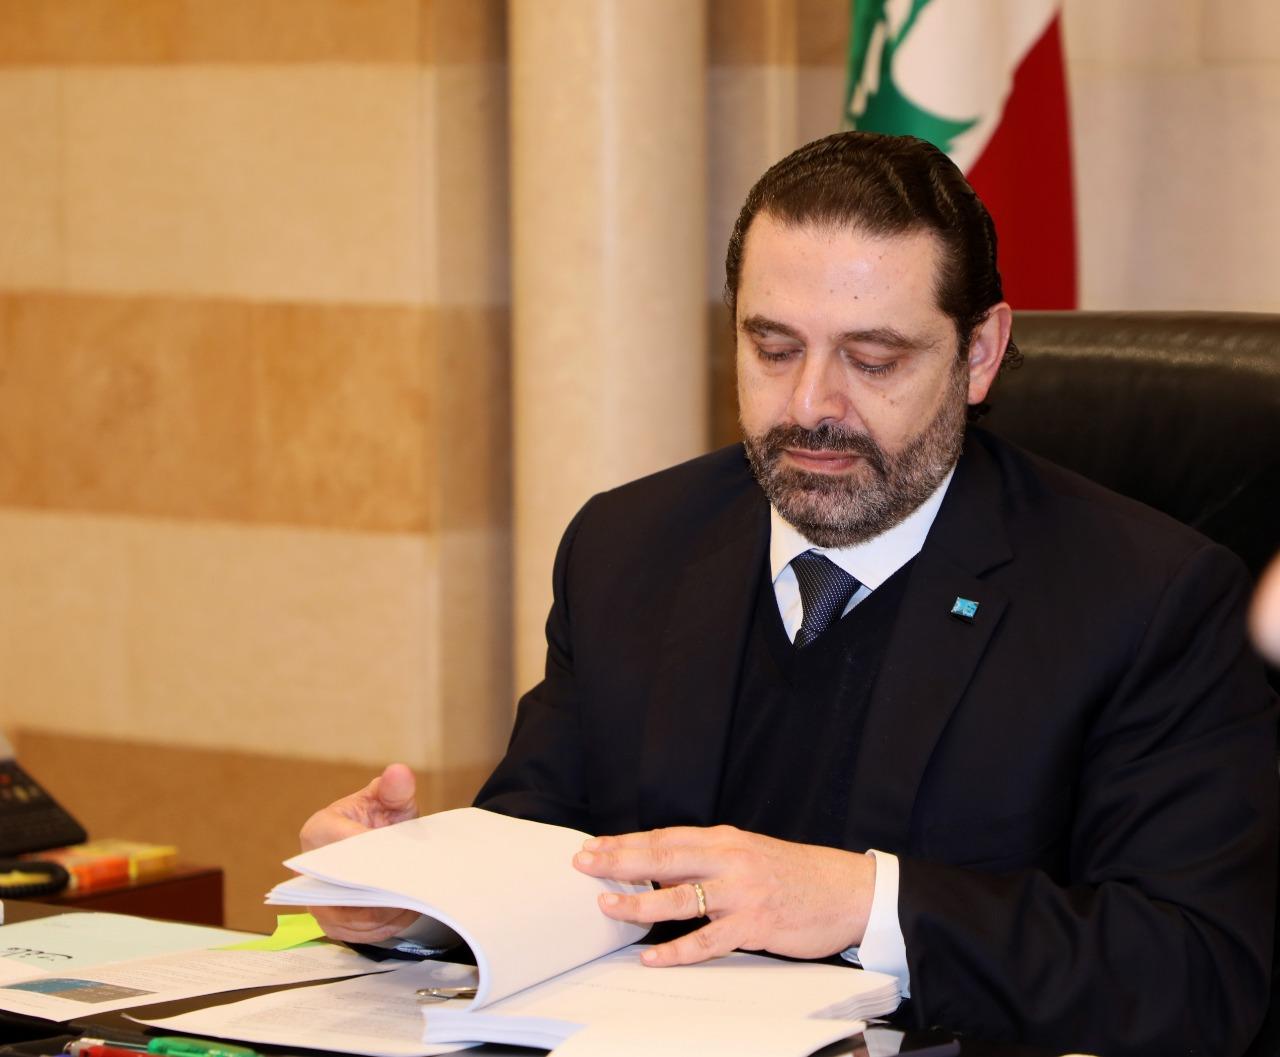 مسؤول بالبنك الدولي في بيت الوسط: لبنان يسير بطريق سليم لكن الإصلاحات لم تنته